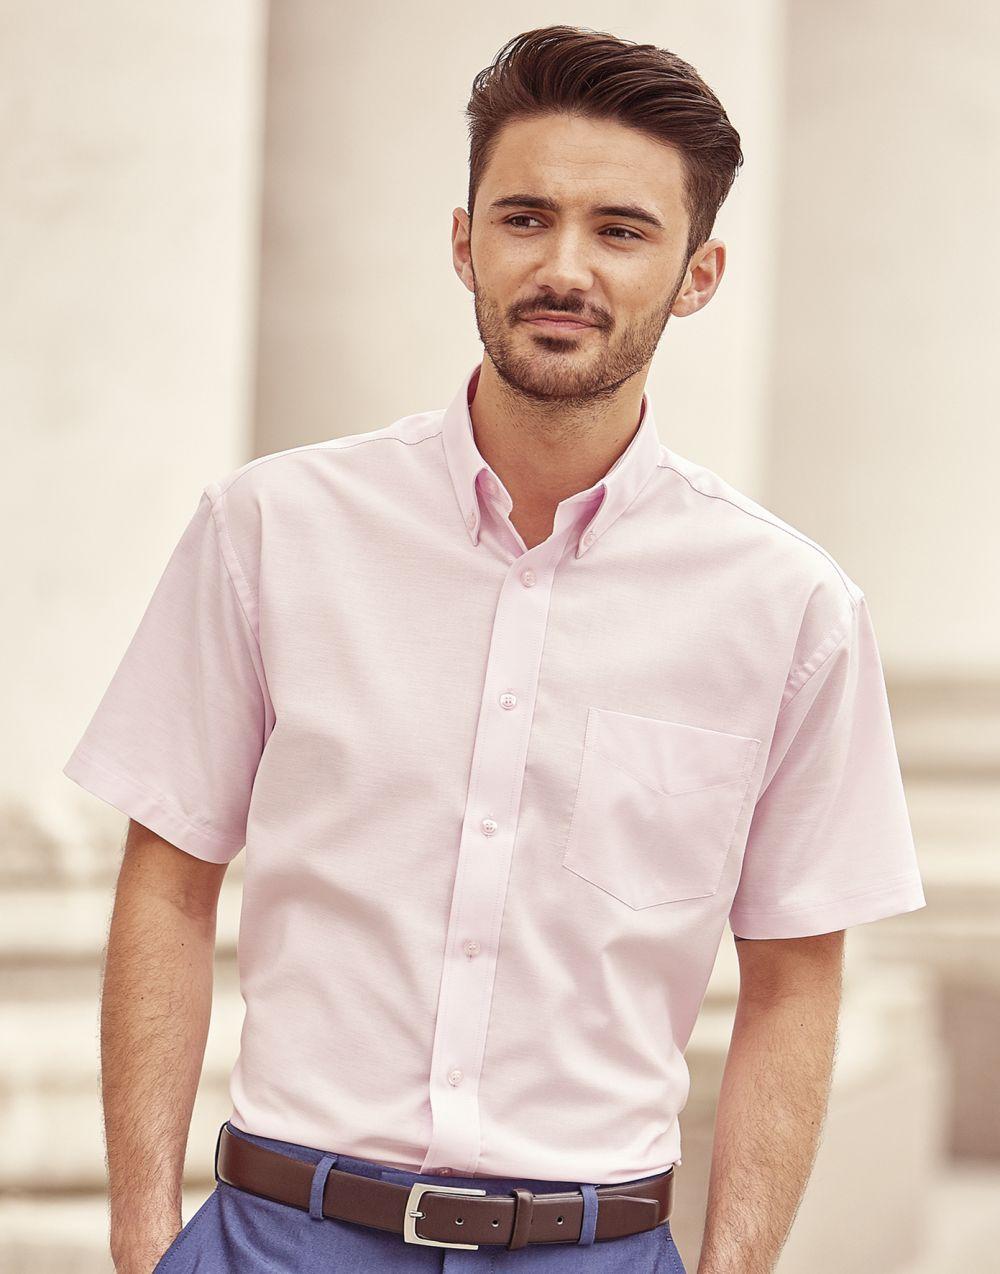 Camisas manga corta russell oxford manga corta hombre cuello con botones con publicidad vista 2